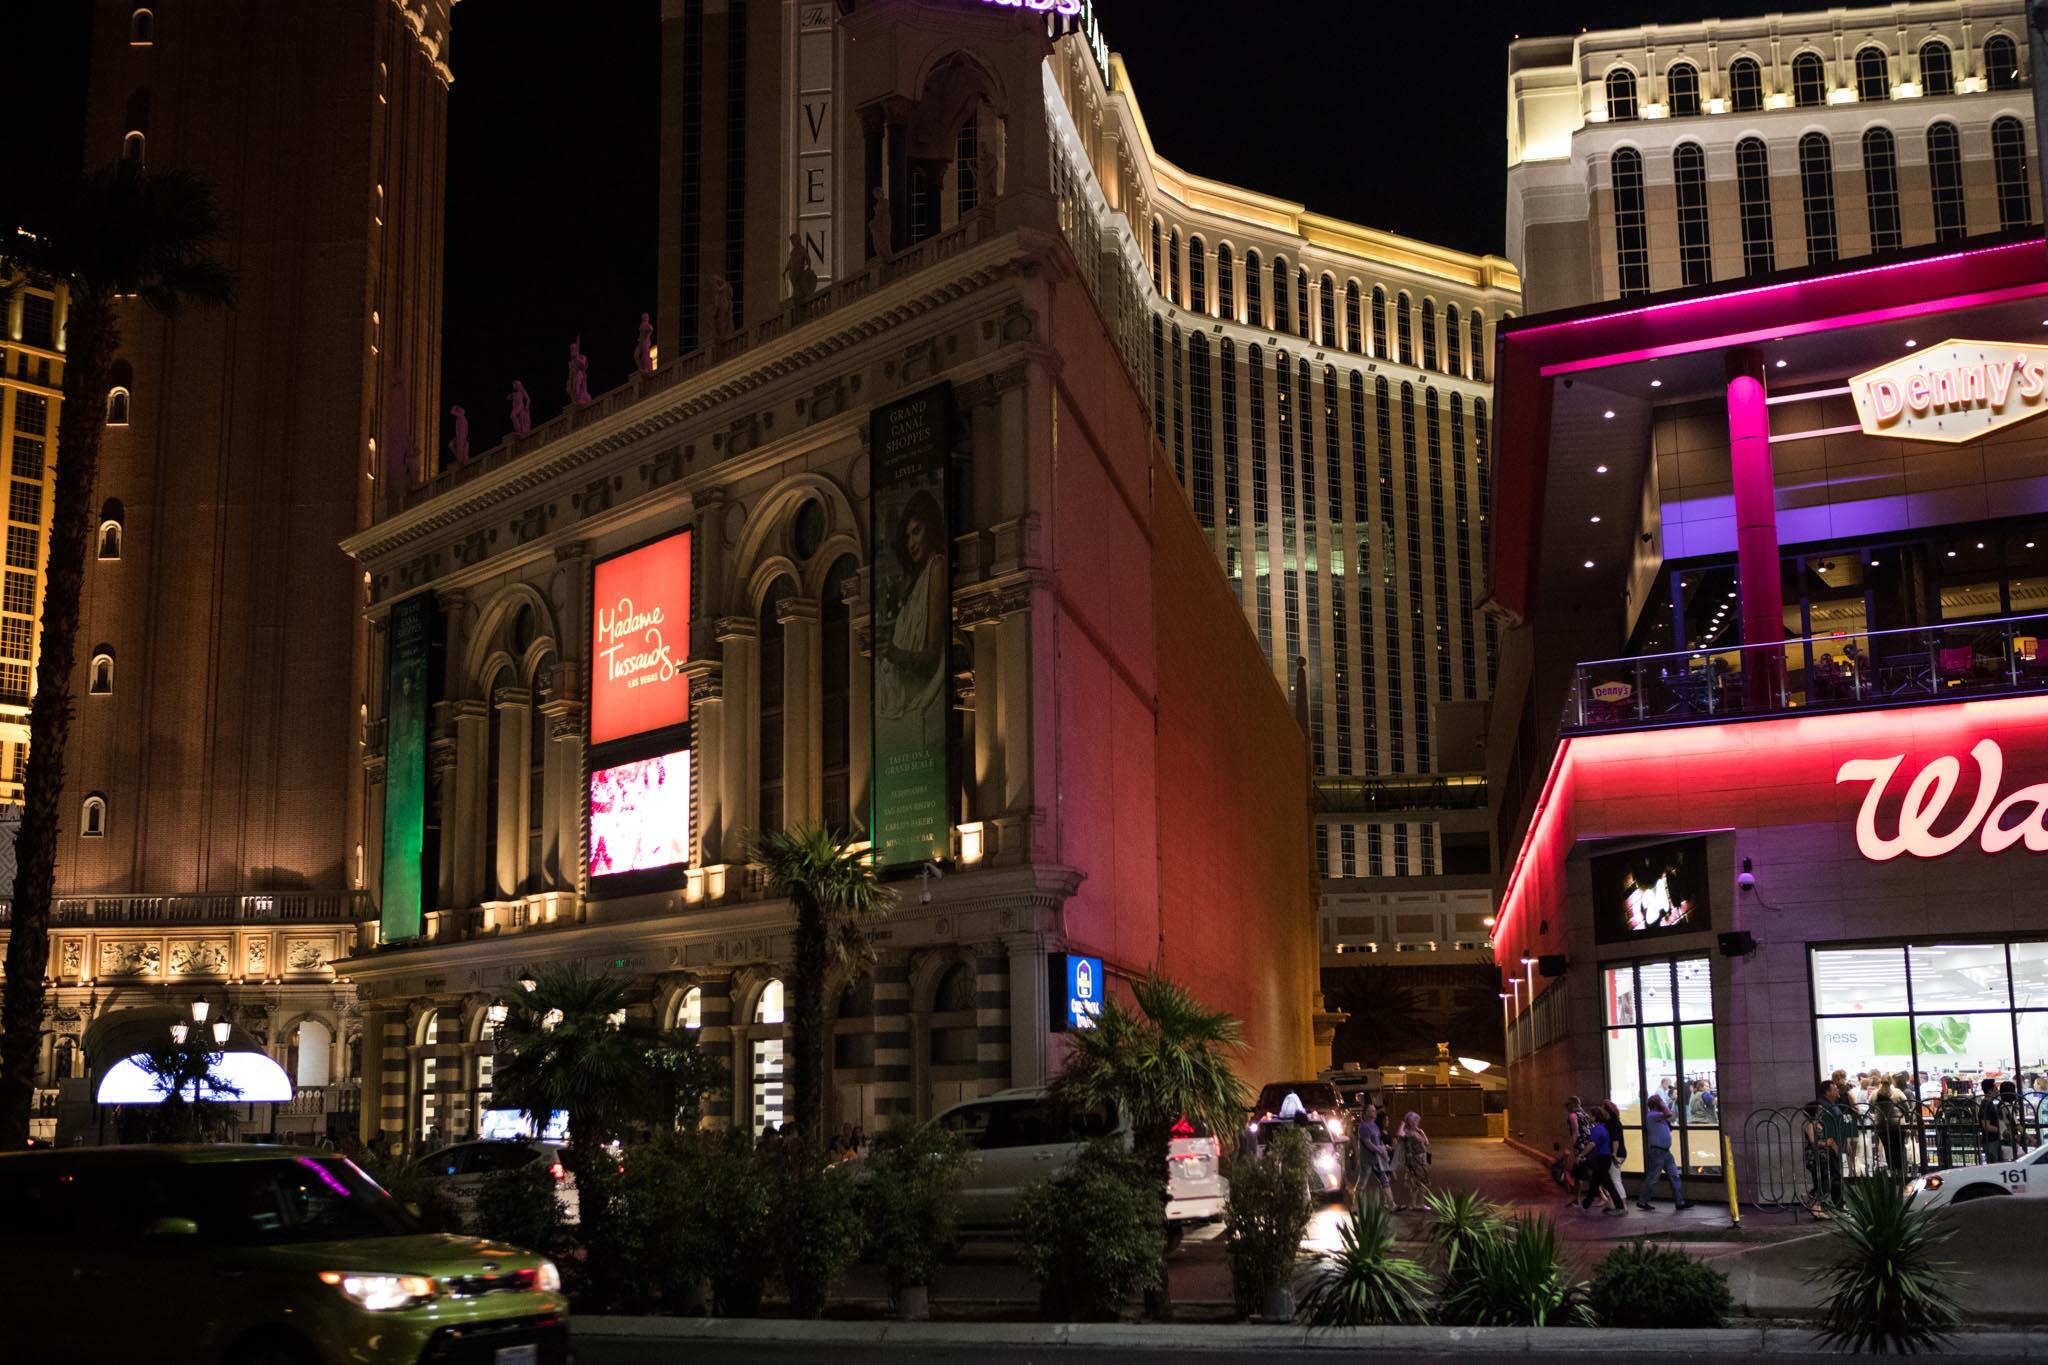 nightlife street photography on the strip in Las Vegas.jpg